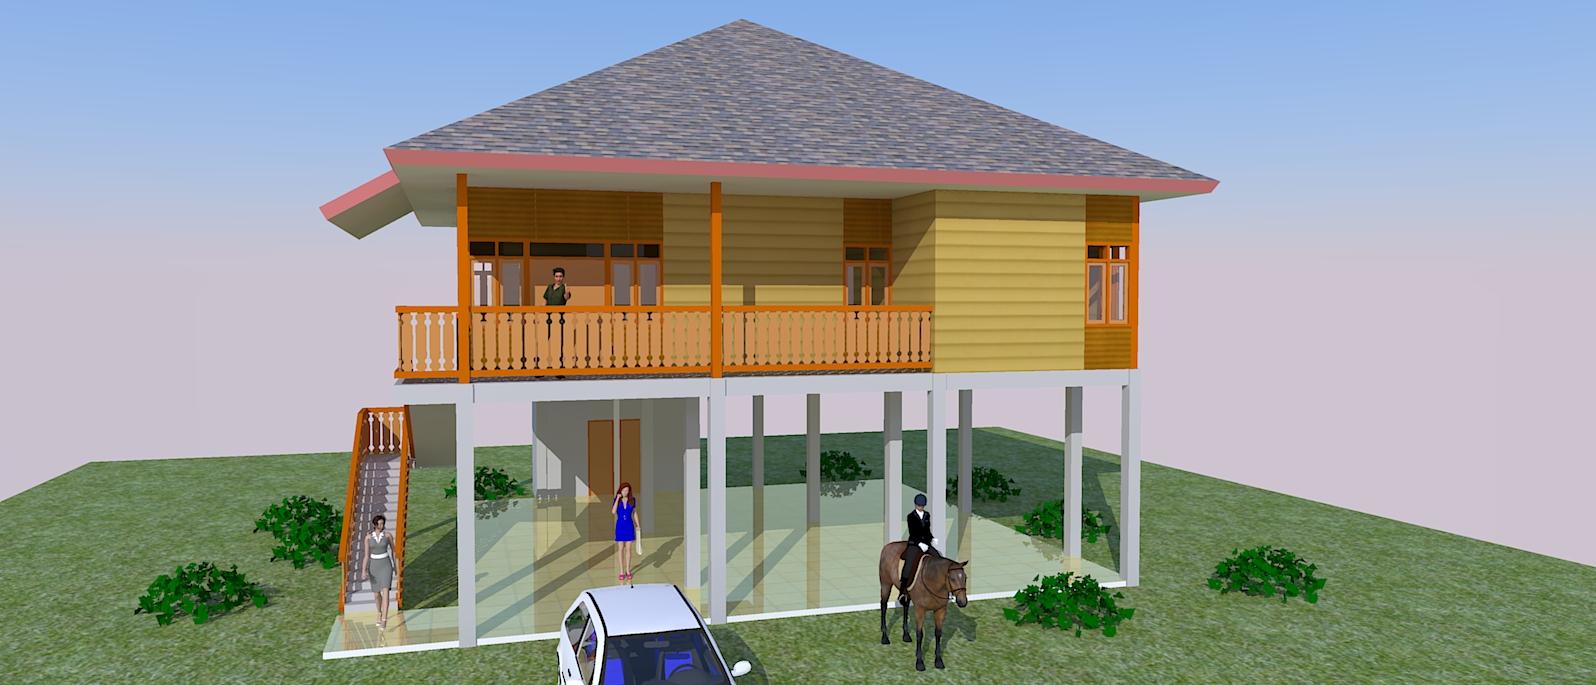 Rumah Kayu Unik Bagaimana Membuat Site Plan Perumahan